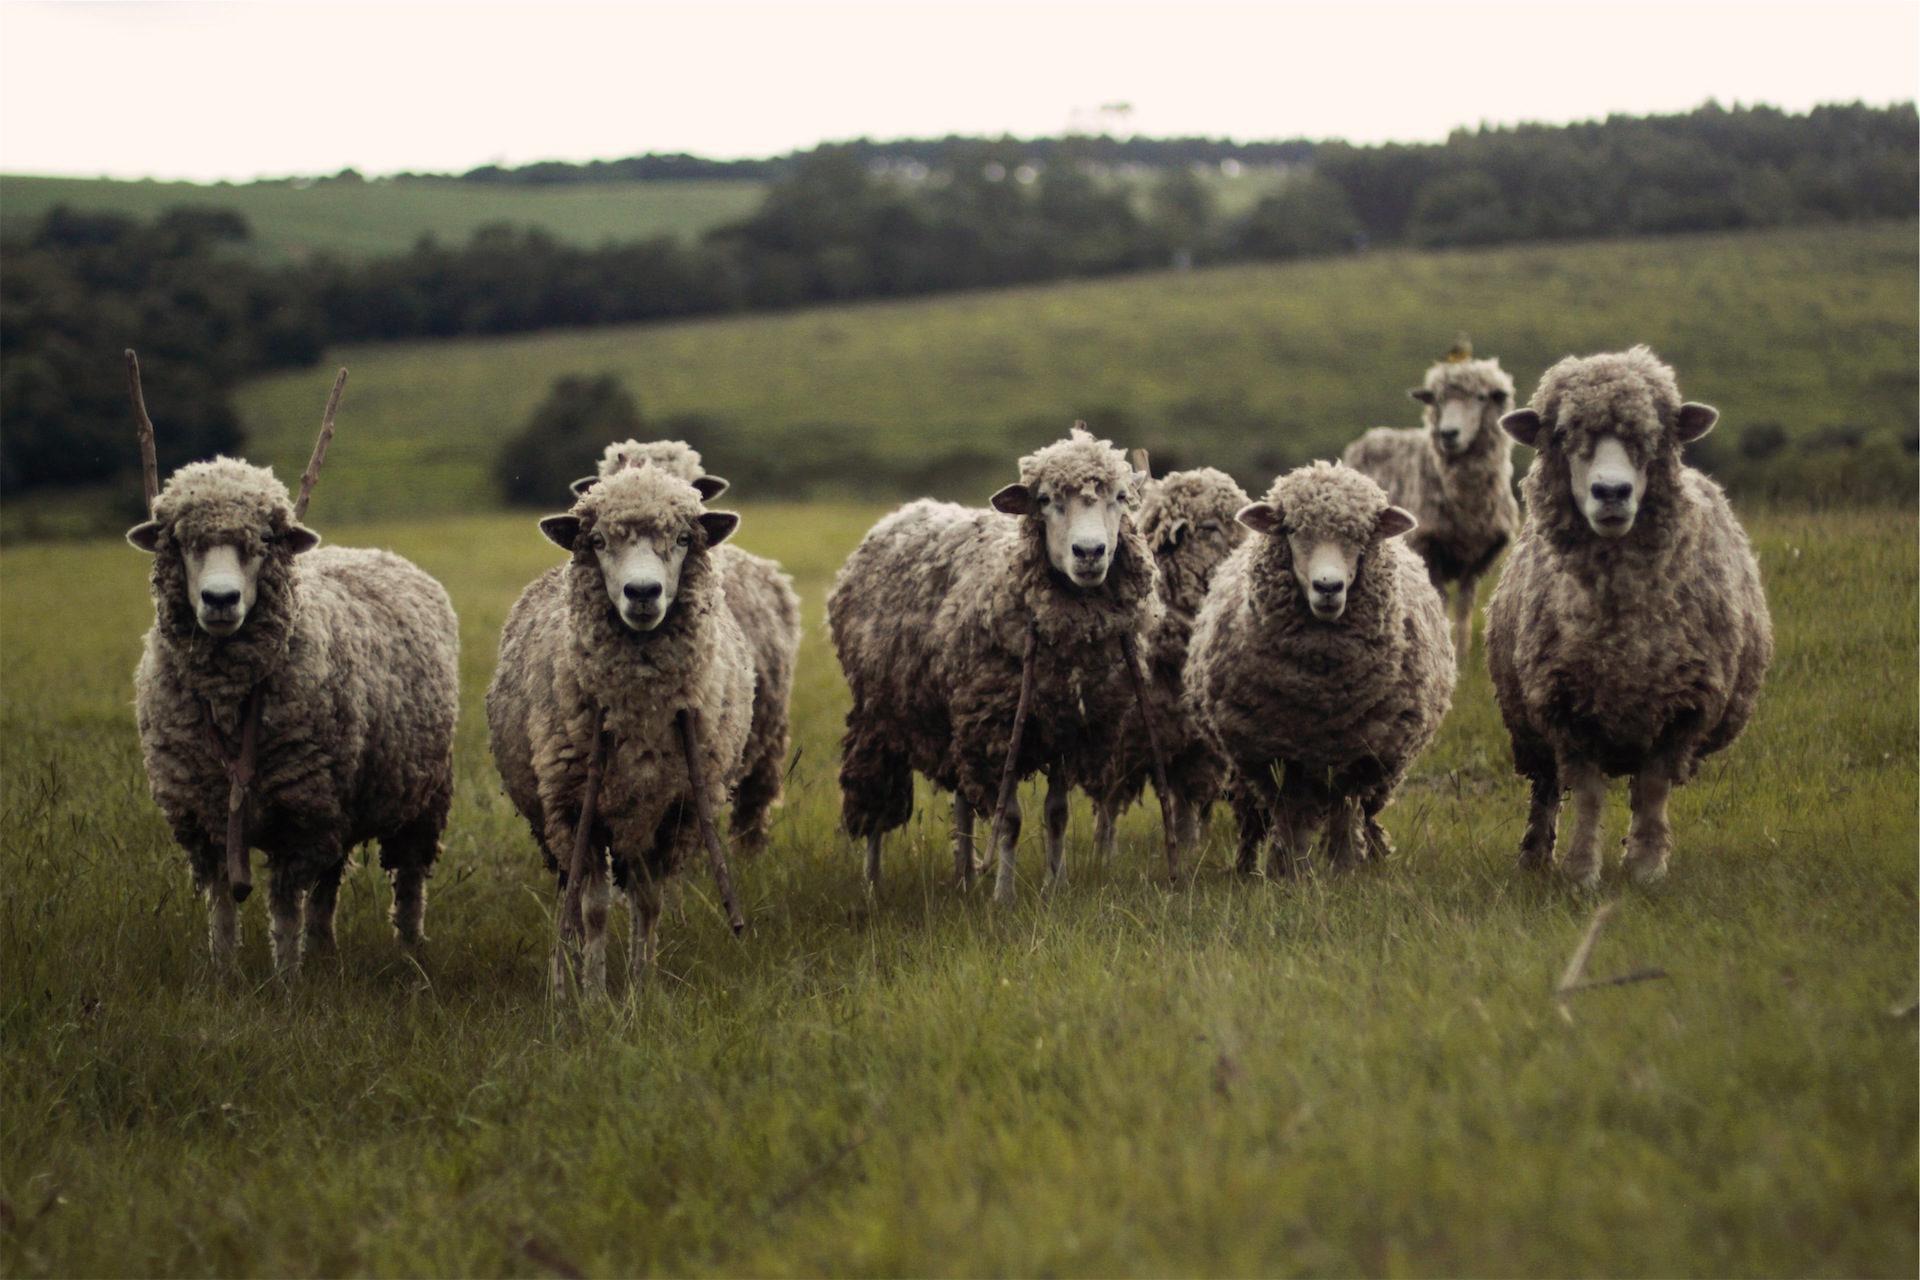 πρόβατα, Κοπάδι, πεδίο, Pradera, μοιάζει - Wallpapers HD - Professor-falken.com